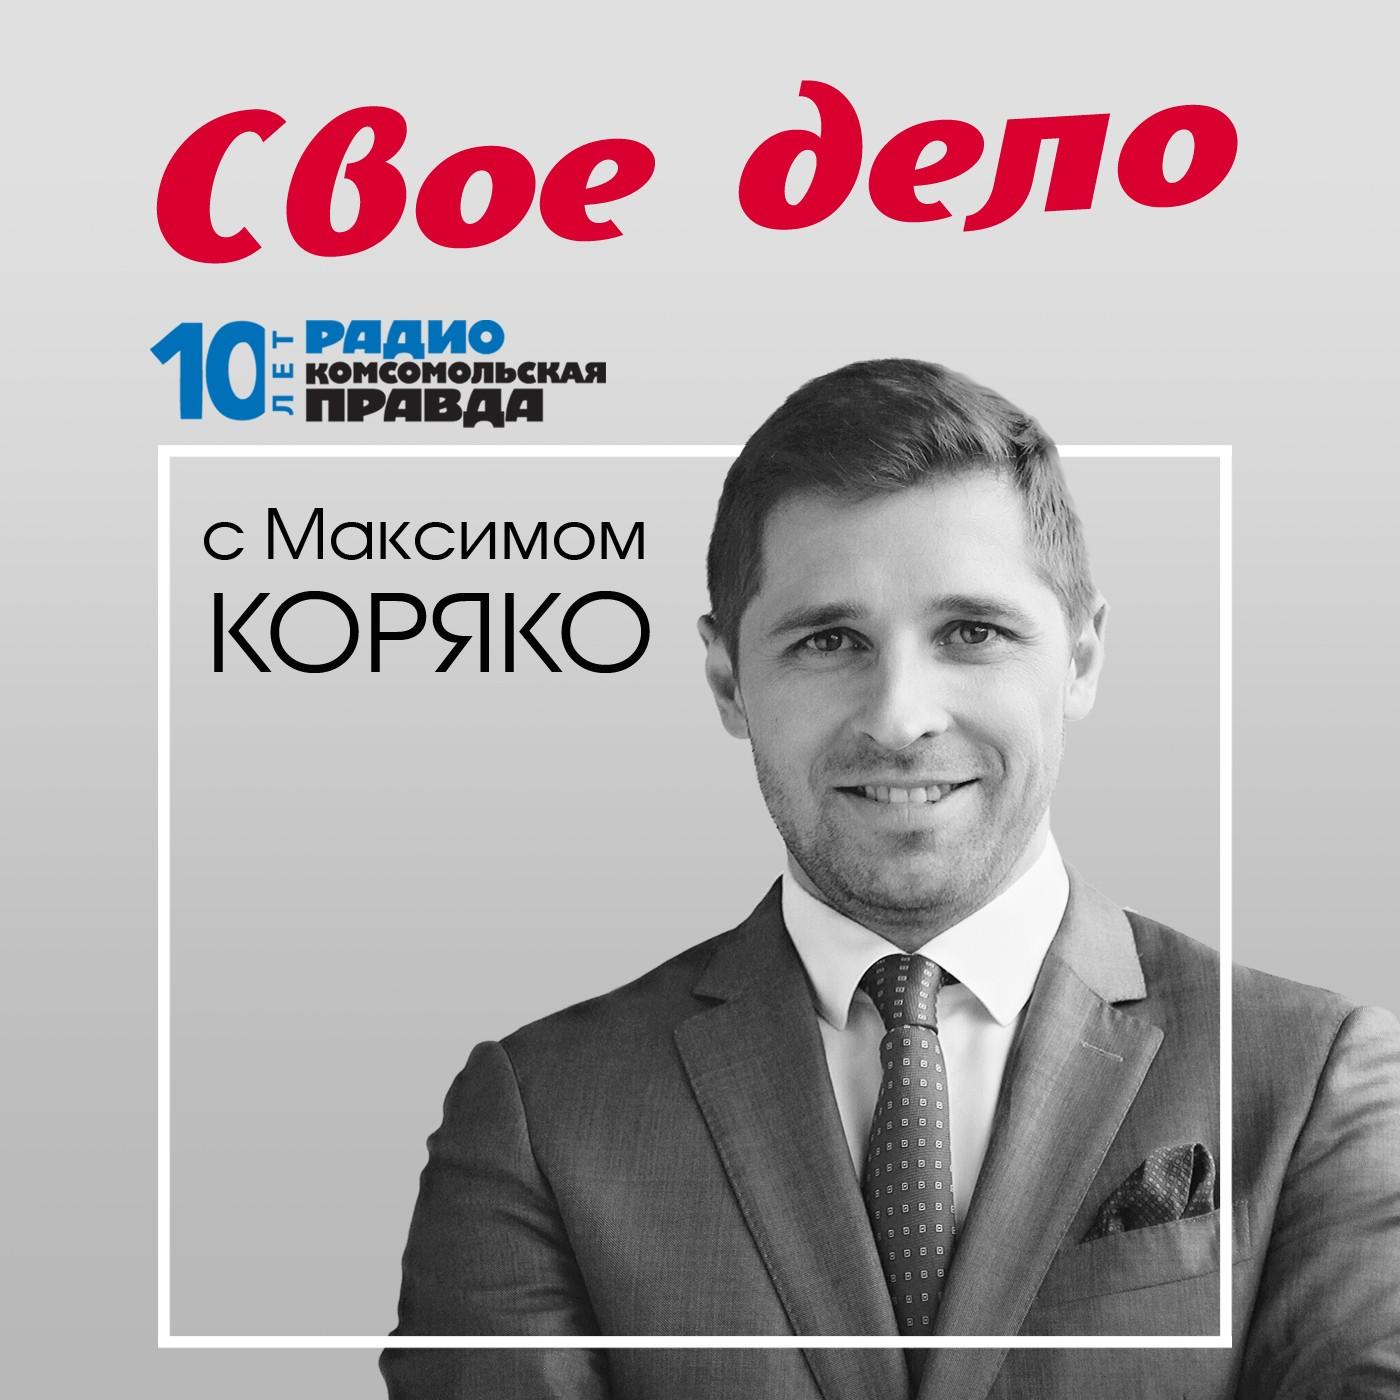 цена Радио «Комсомольская правда» Краудинвестинг: что это такое и можно ли на нем заработать онлайн в 2017 году